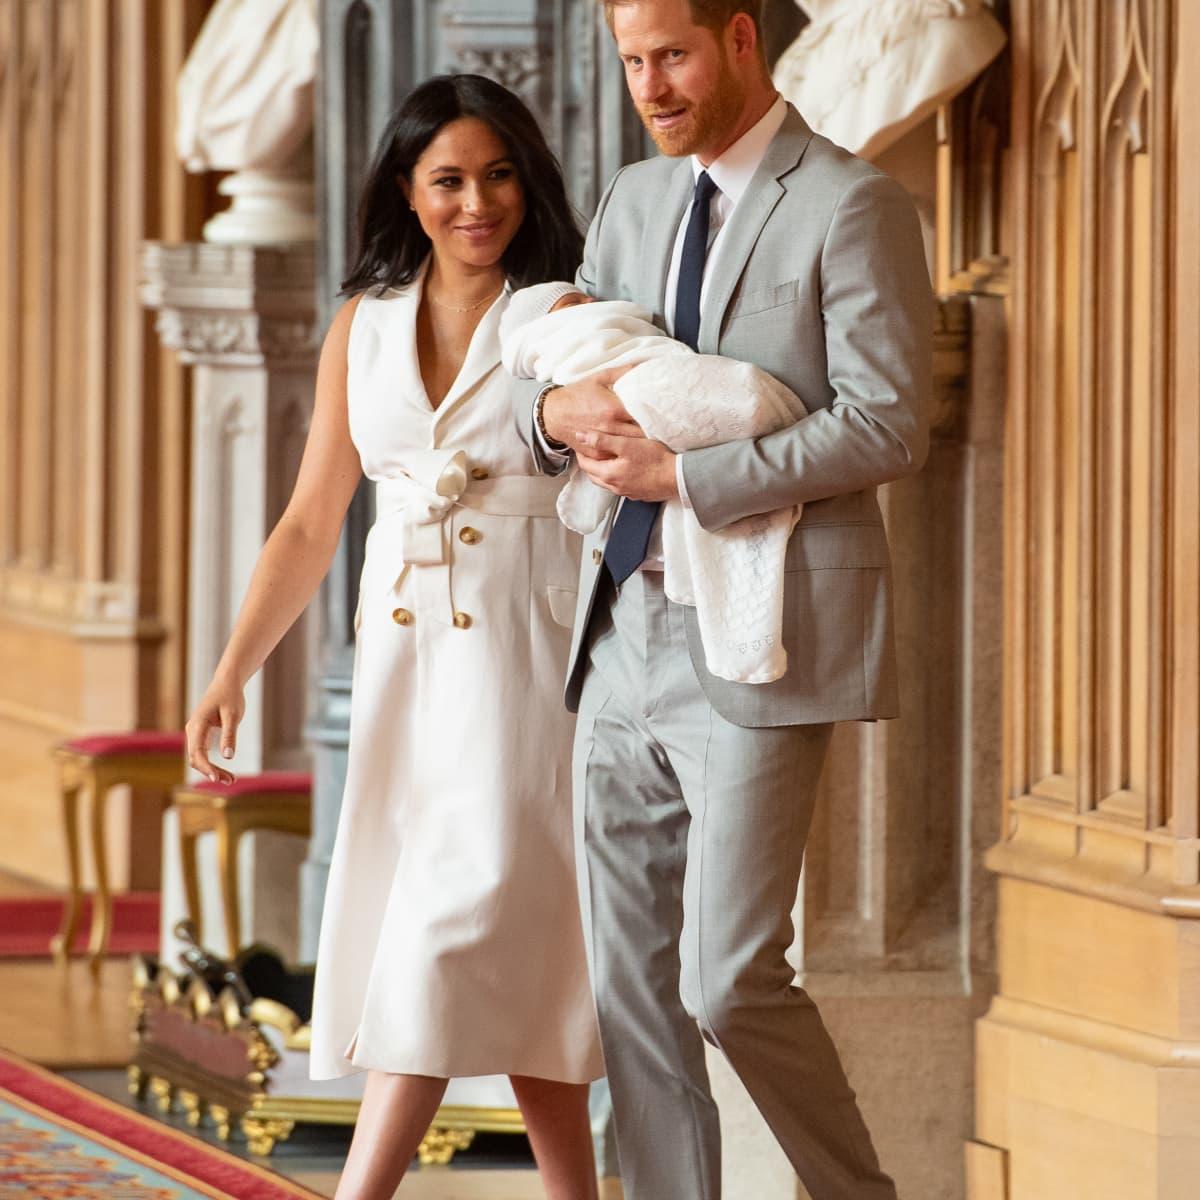 Royals Wann Wird Baby Archie Harrison Getauft